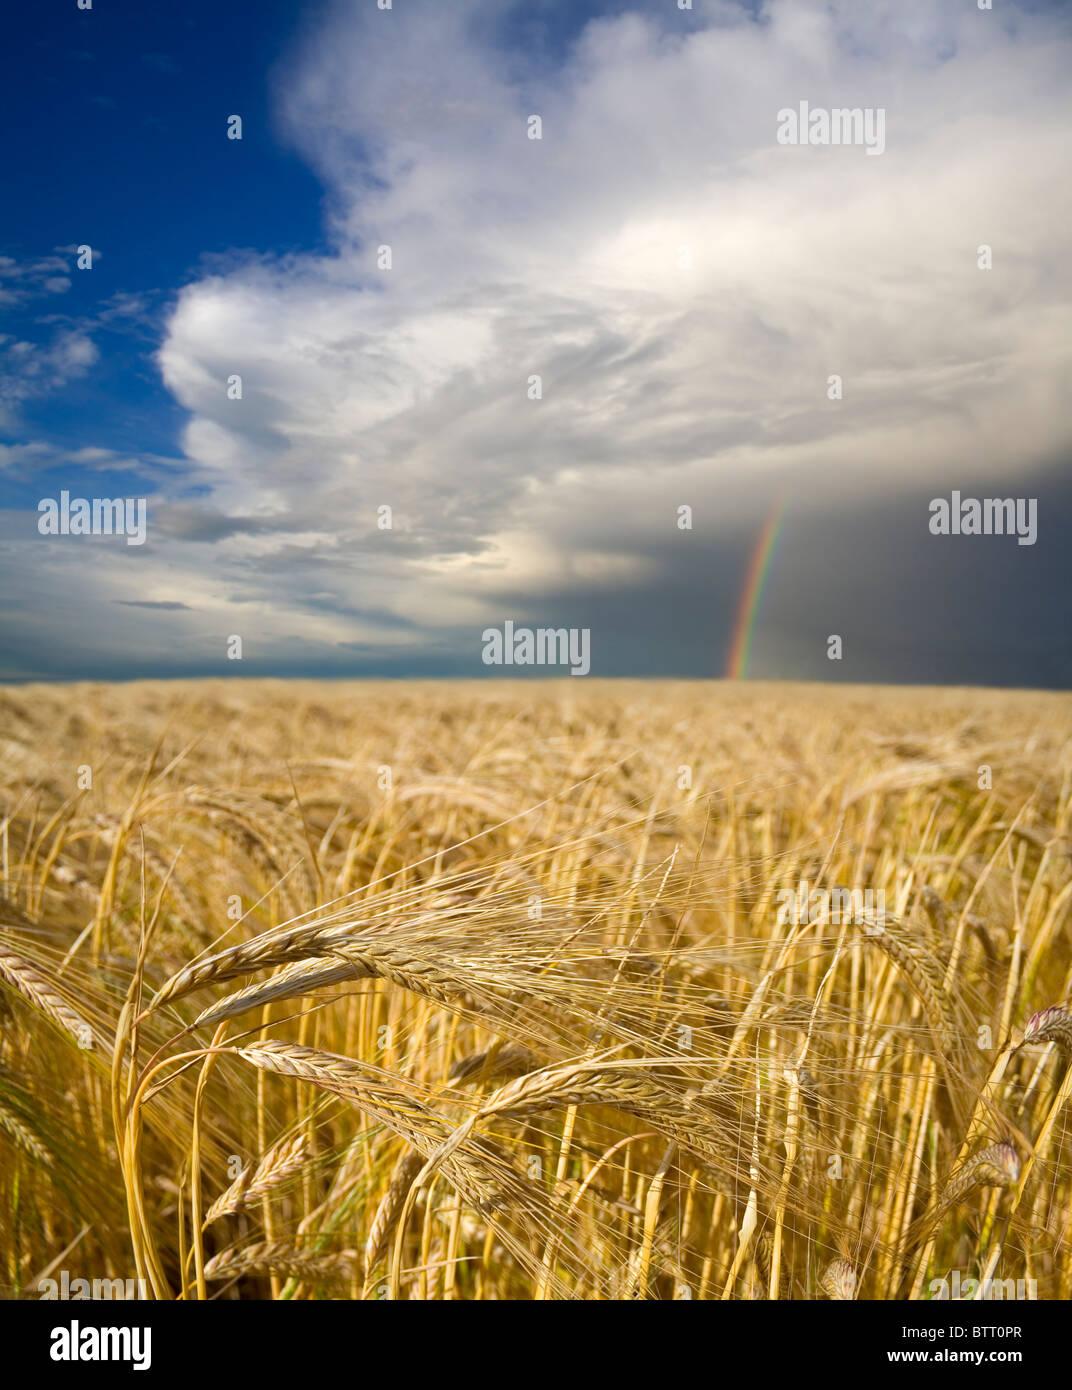 Un campo di maturazione orzo si siede sotto un arcobaleno, offrire speranza per il futuro dell'agricoltura. Immagini Stock